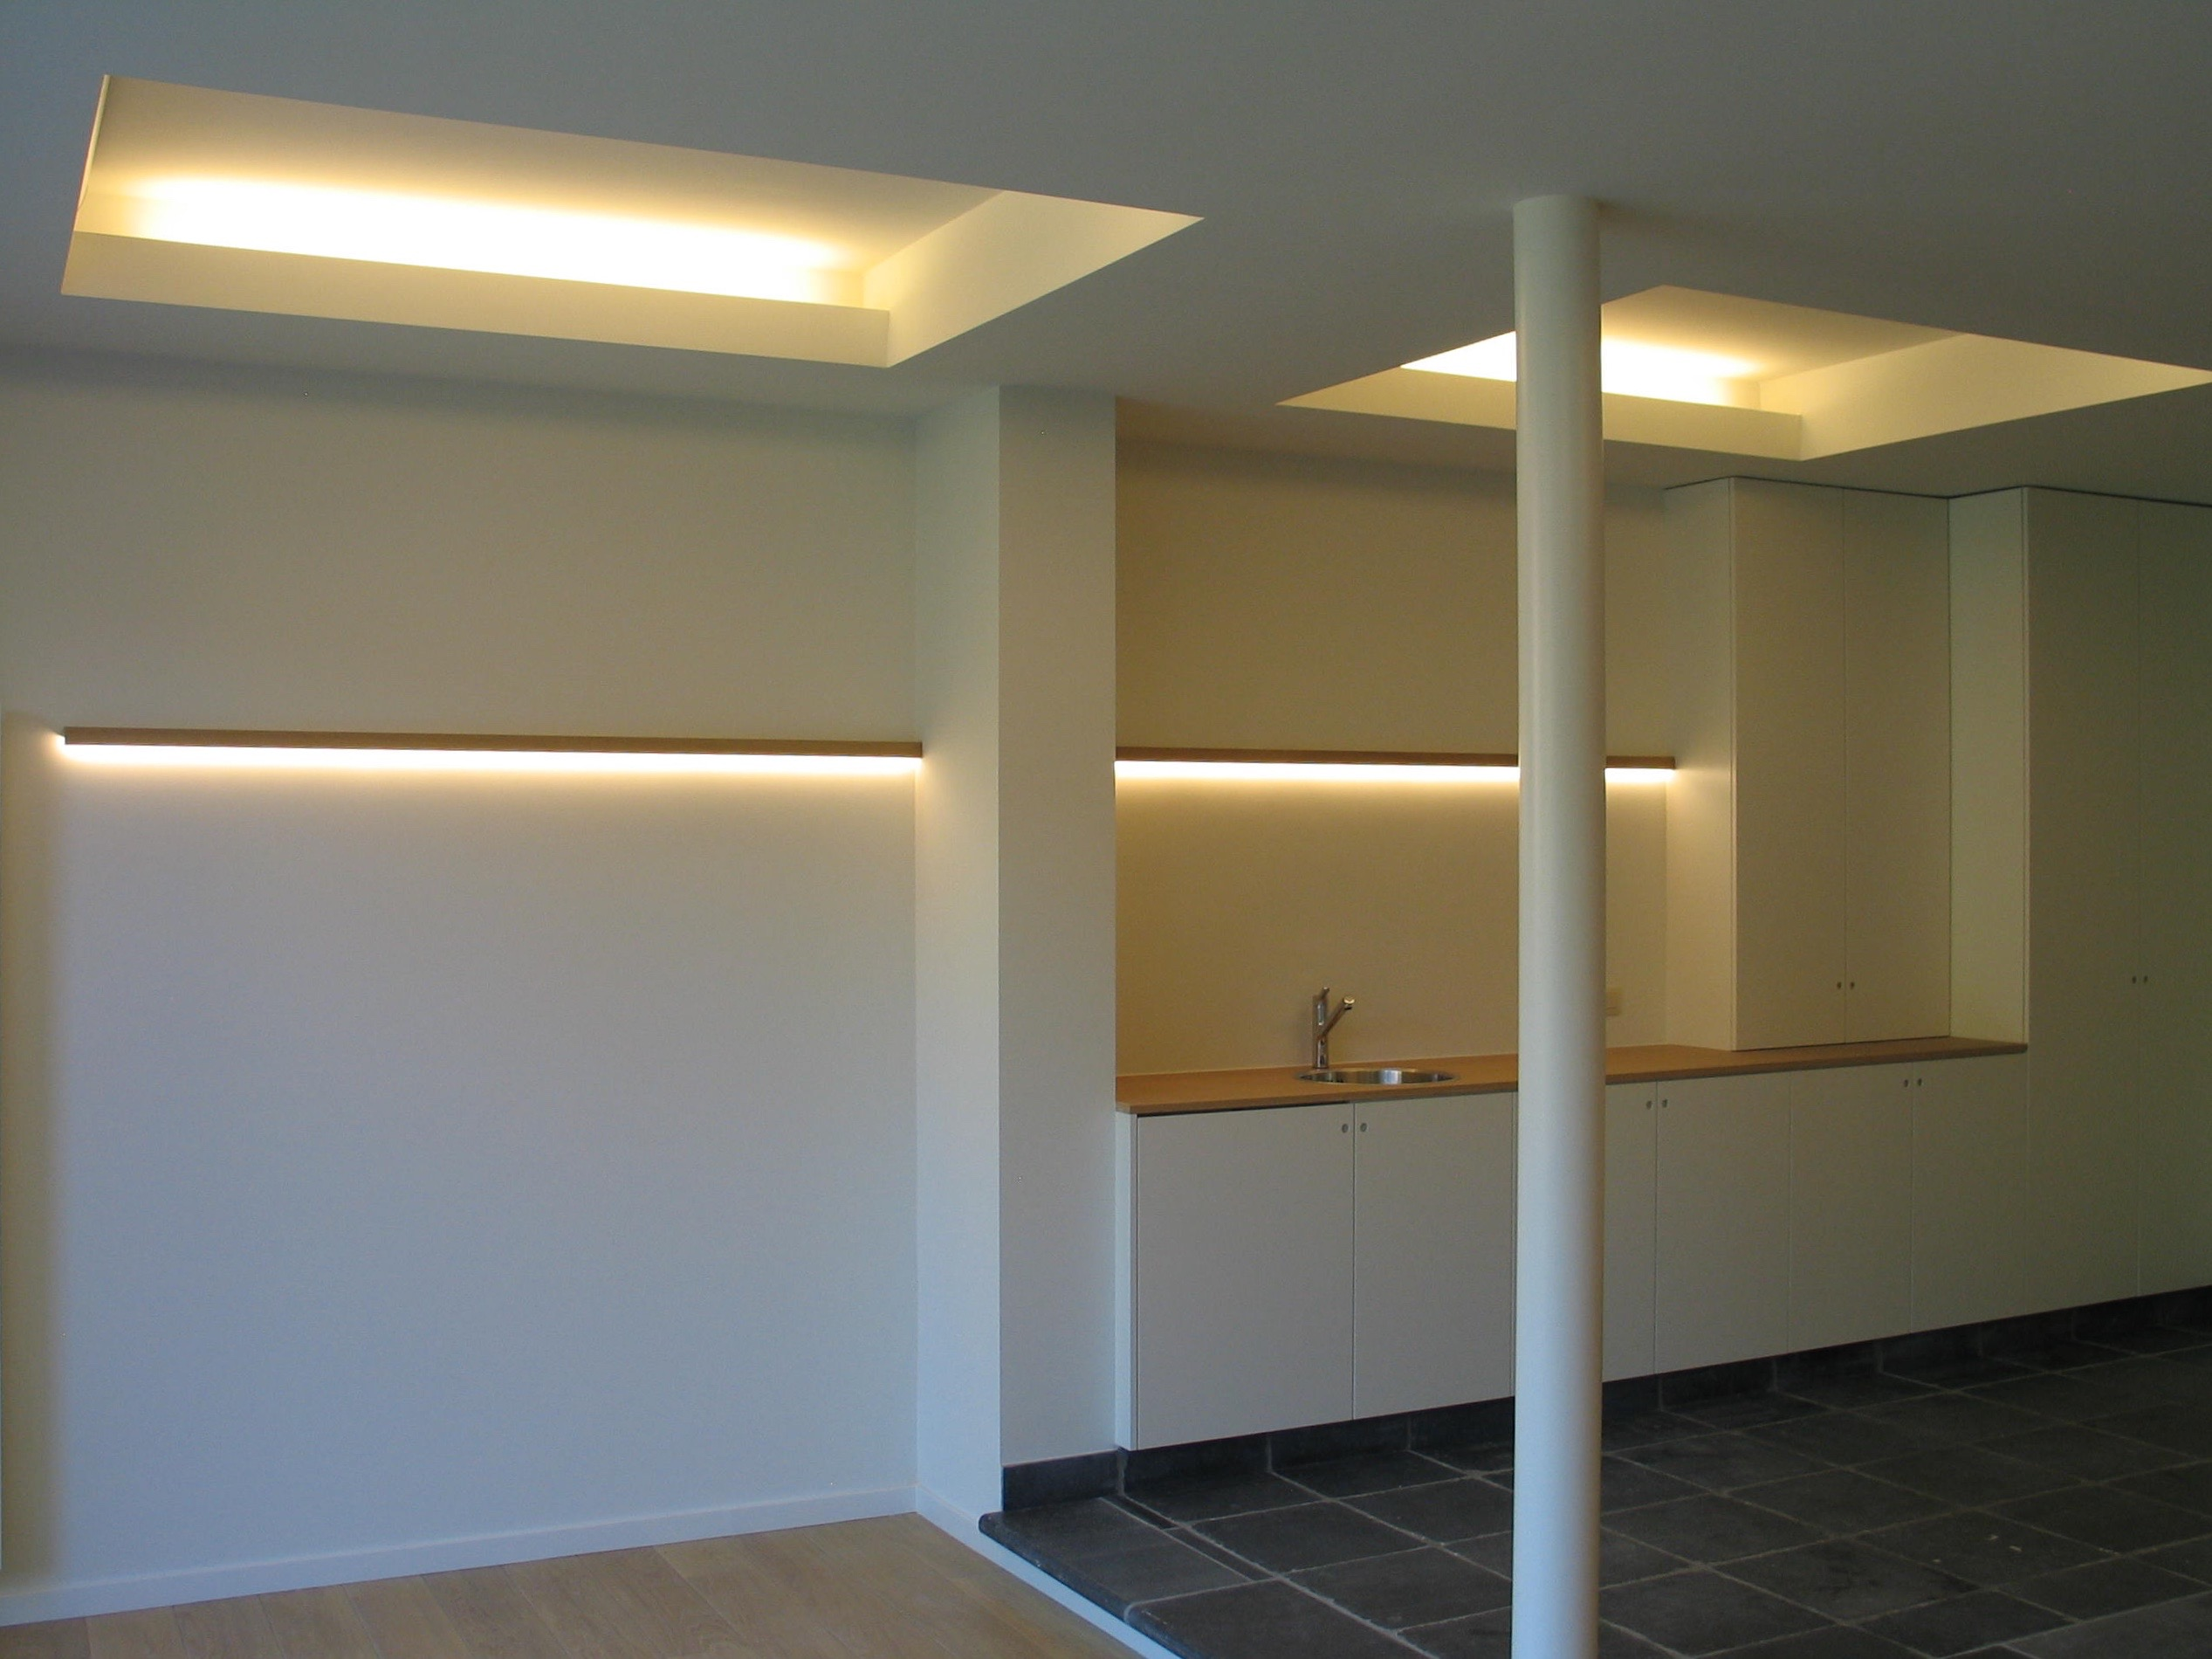 Wasbak blokjes 014242 ontwerp inspiratie voor de badkamer en de kamer inrichting - Badkamer kamer model ...